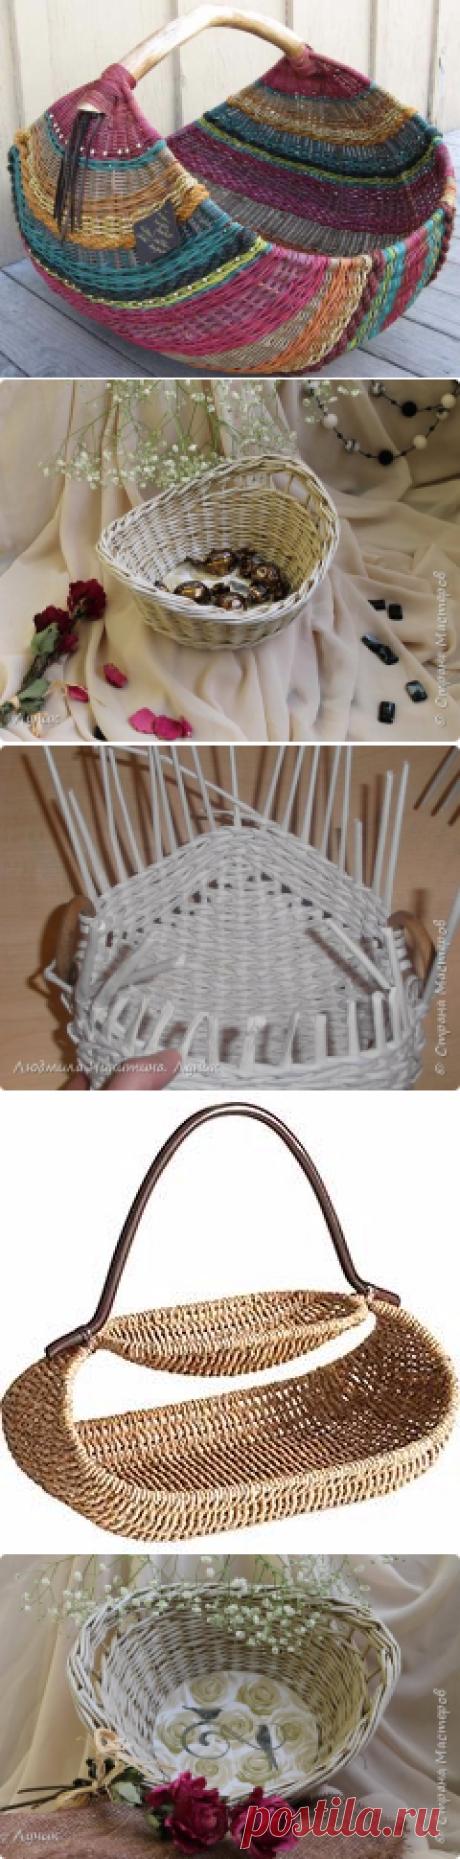 Плетеные корзиночки для дома — Рукоделие